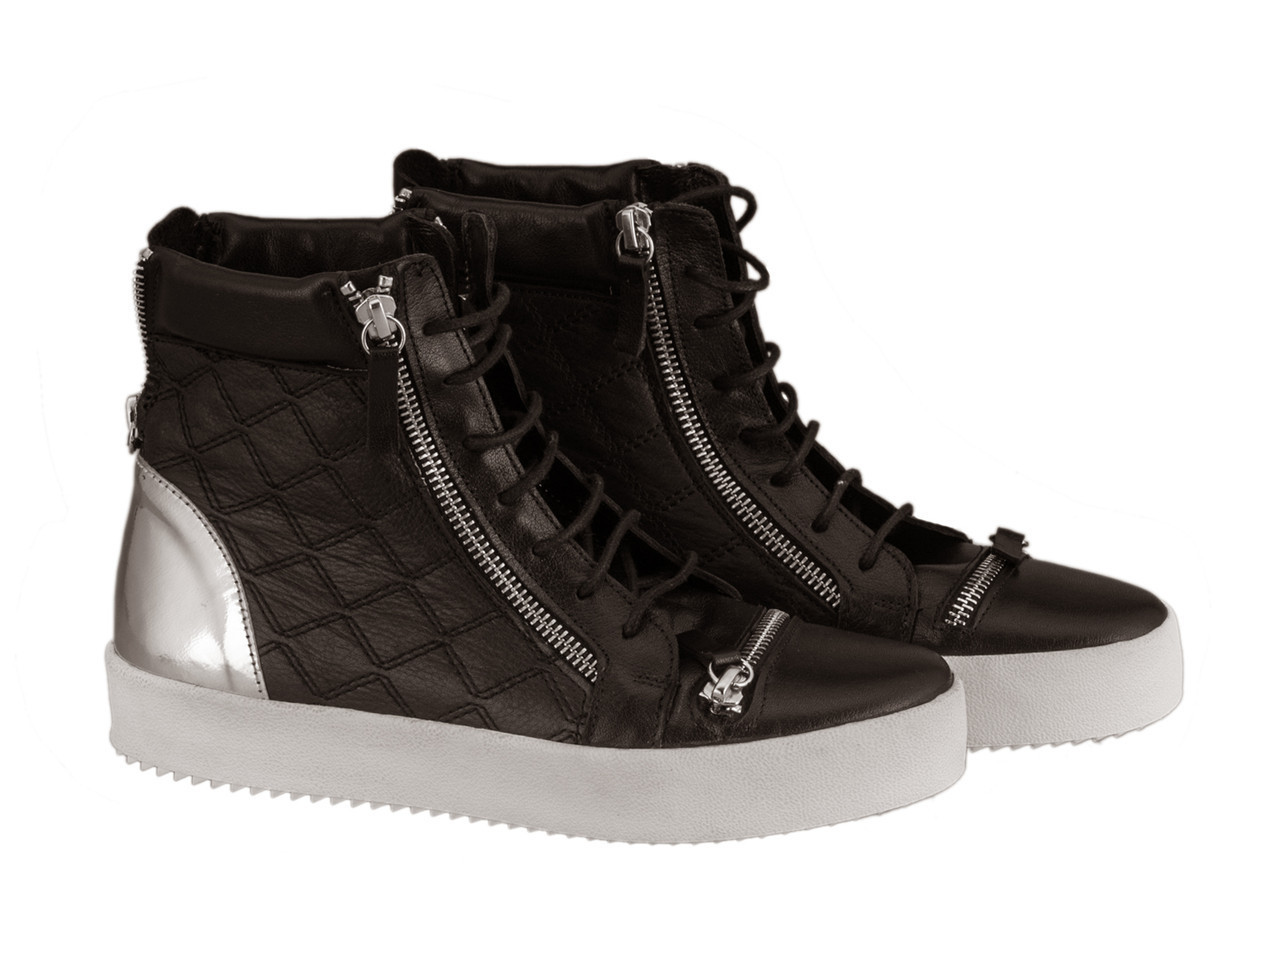 Ботинки Etor 6023-01462-500 40 черные